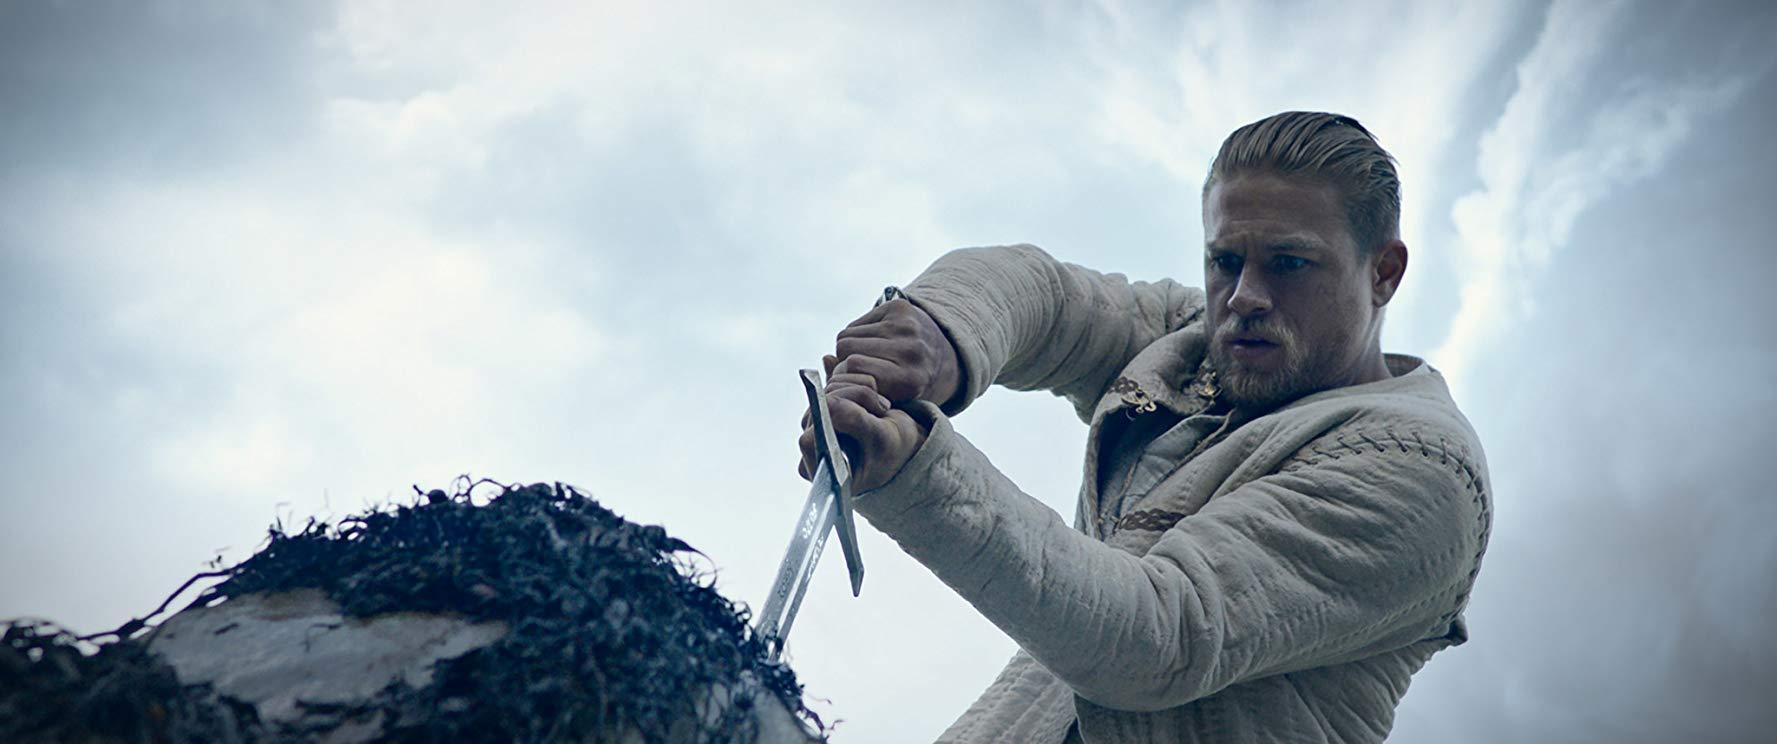 'El rey Arturo: la leyenda de la espada' llegó a los cines en 2017.